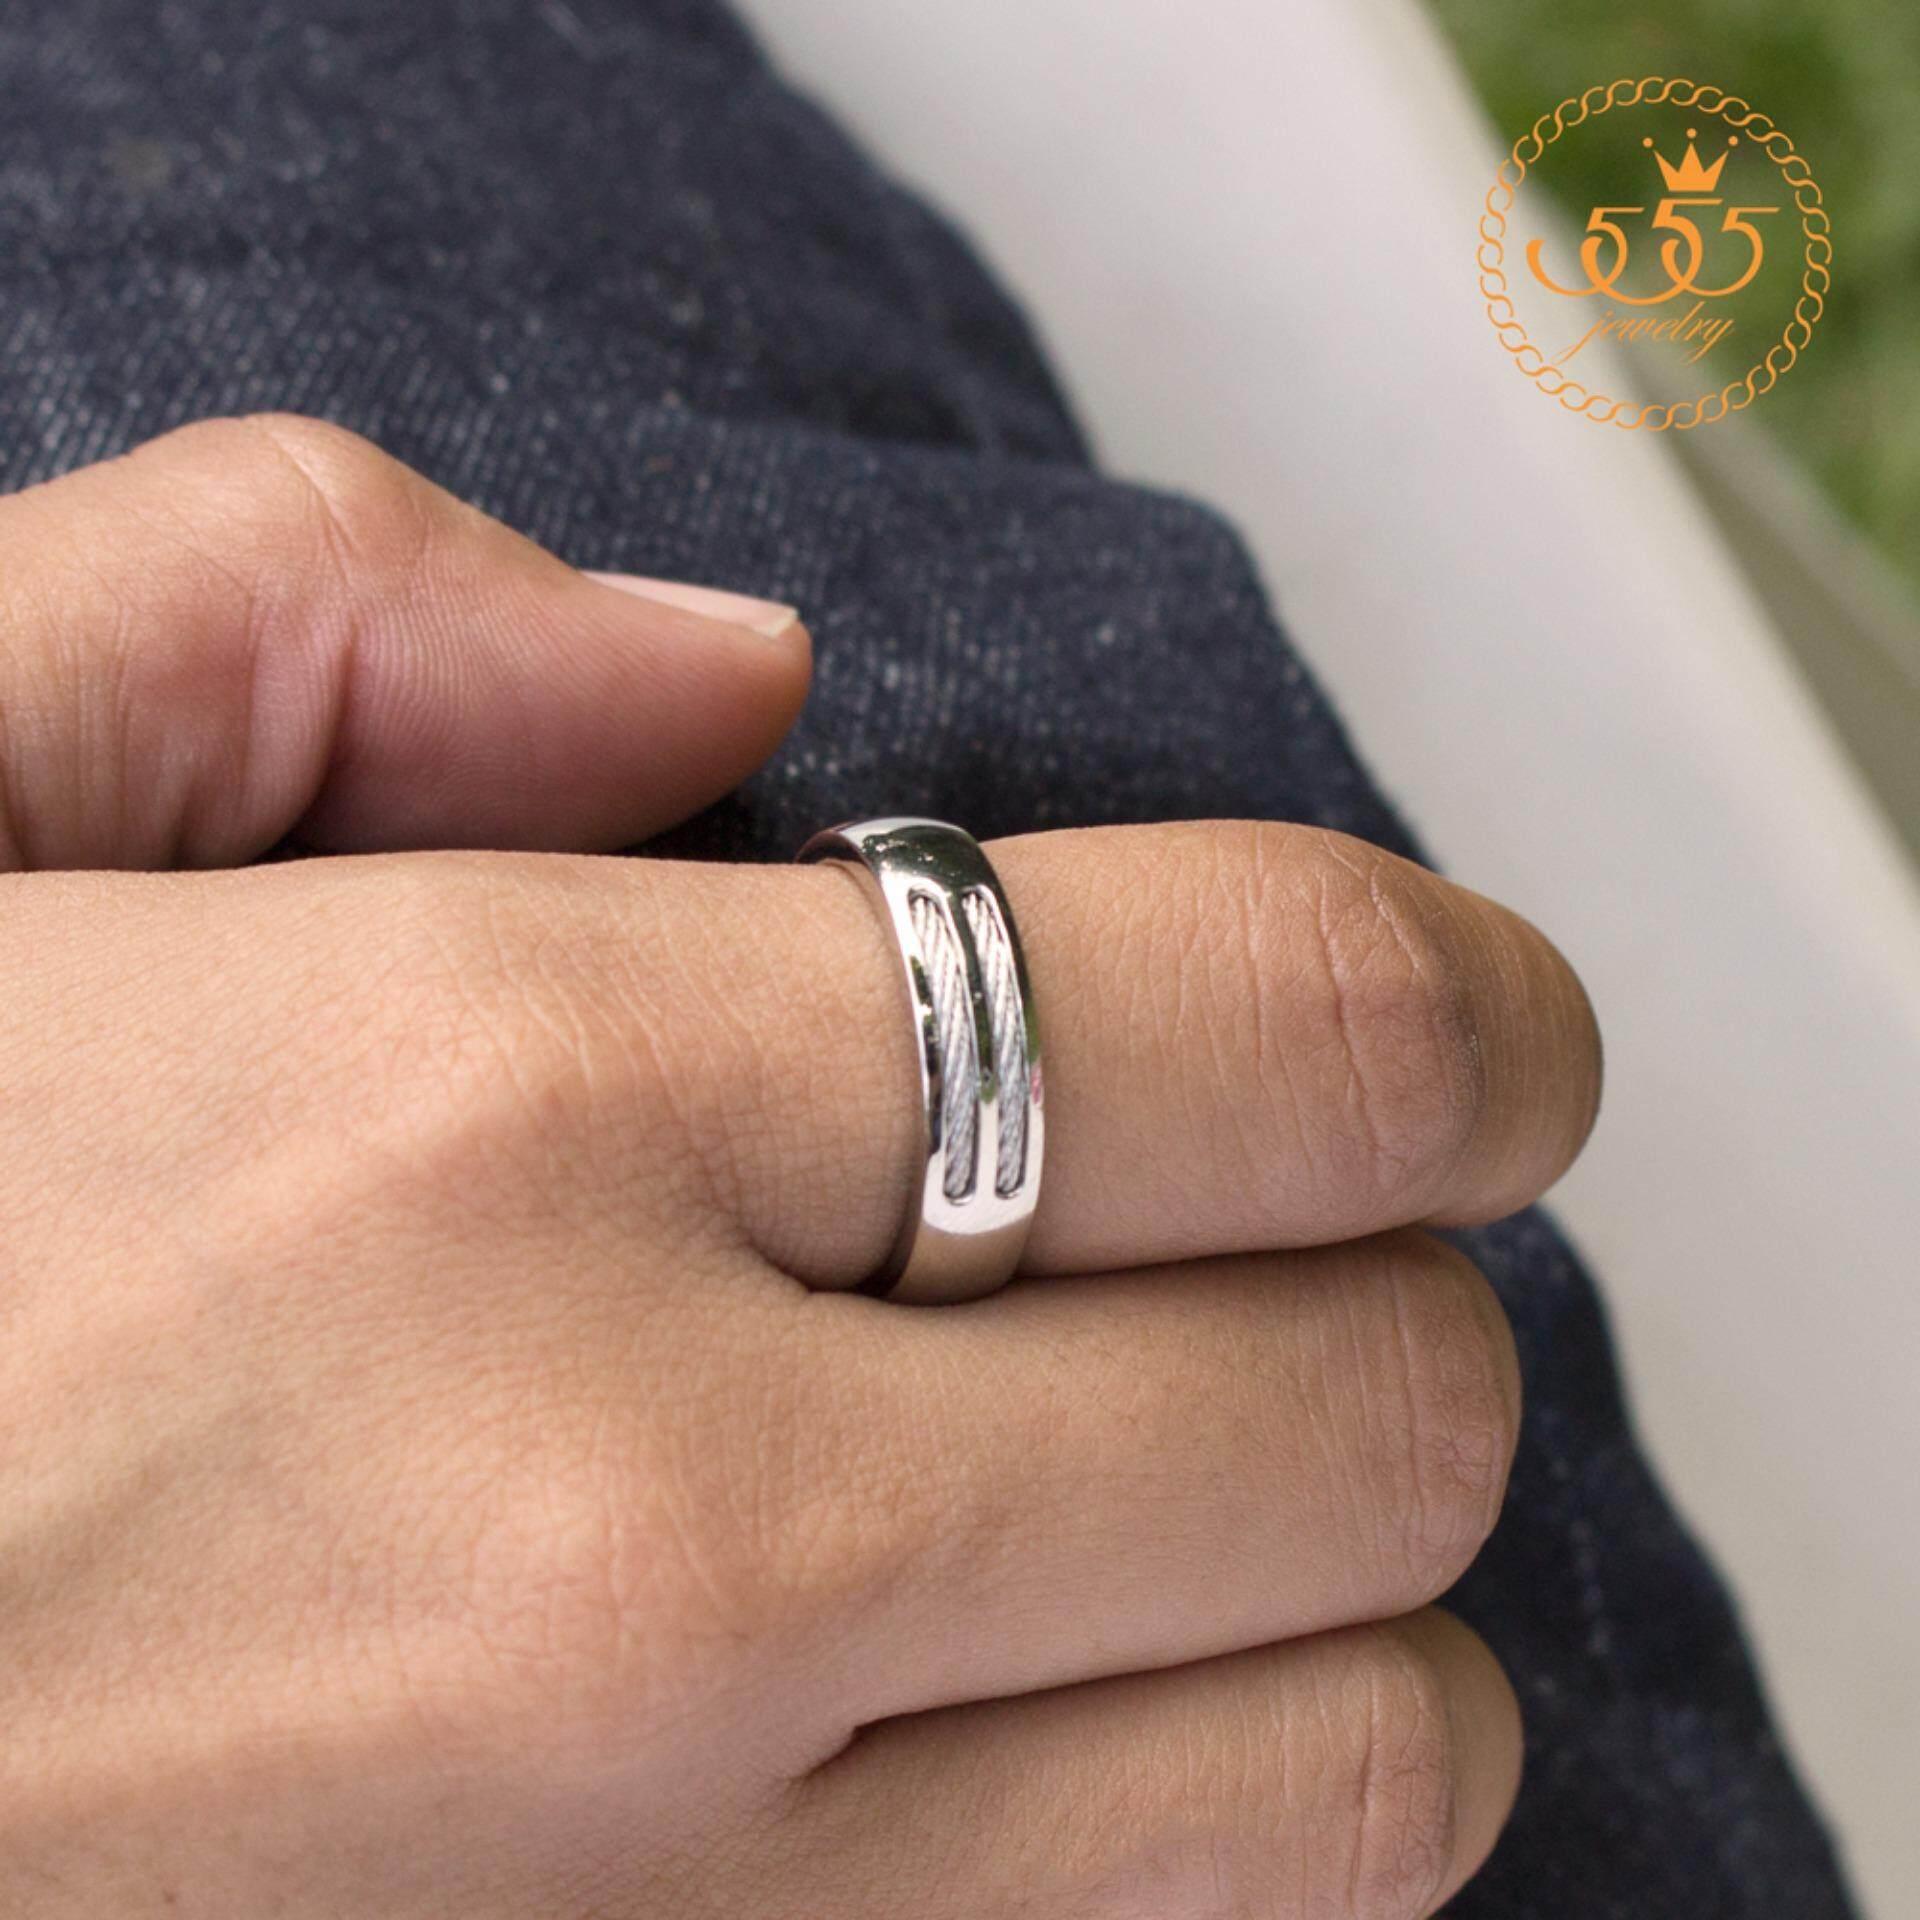 โปรโมชั่น 555Jewelry แหวน รุ่น Mnc R373 A สี Steel แหวนคู่รัก แหวนคู่ แหวนผู้ชายเท่ๆ แหวนแฟชั่นชาย แหวนผู้ชาย แหวนของผู้ชาย ไทย